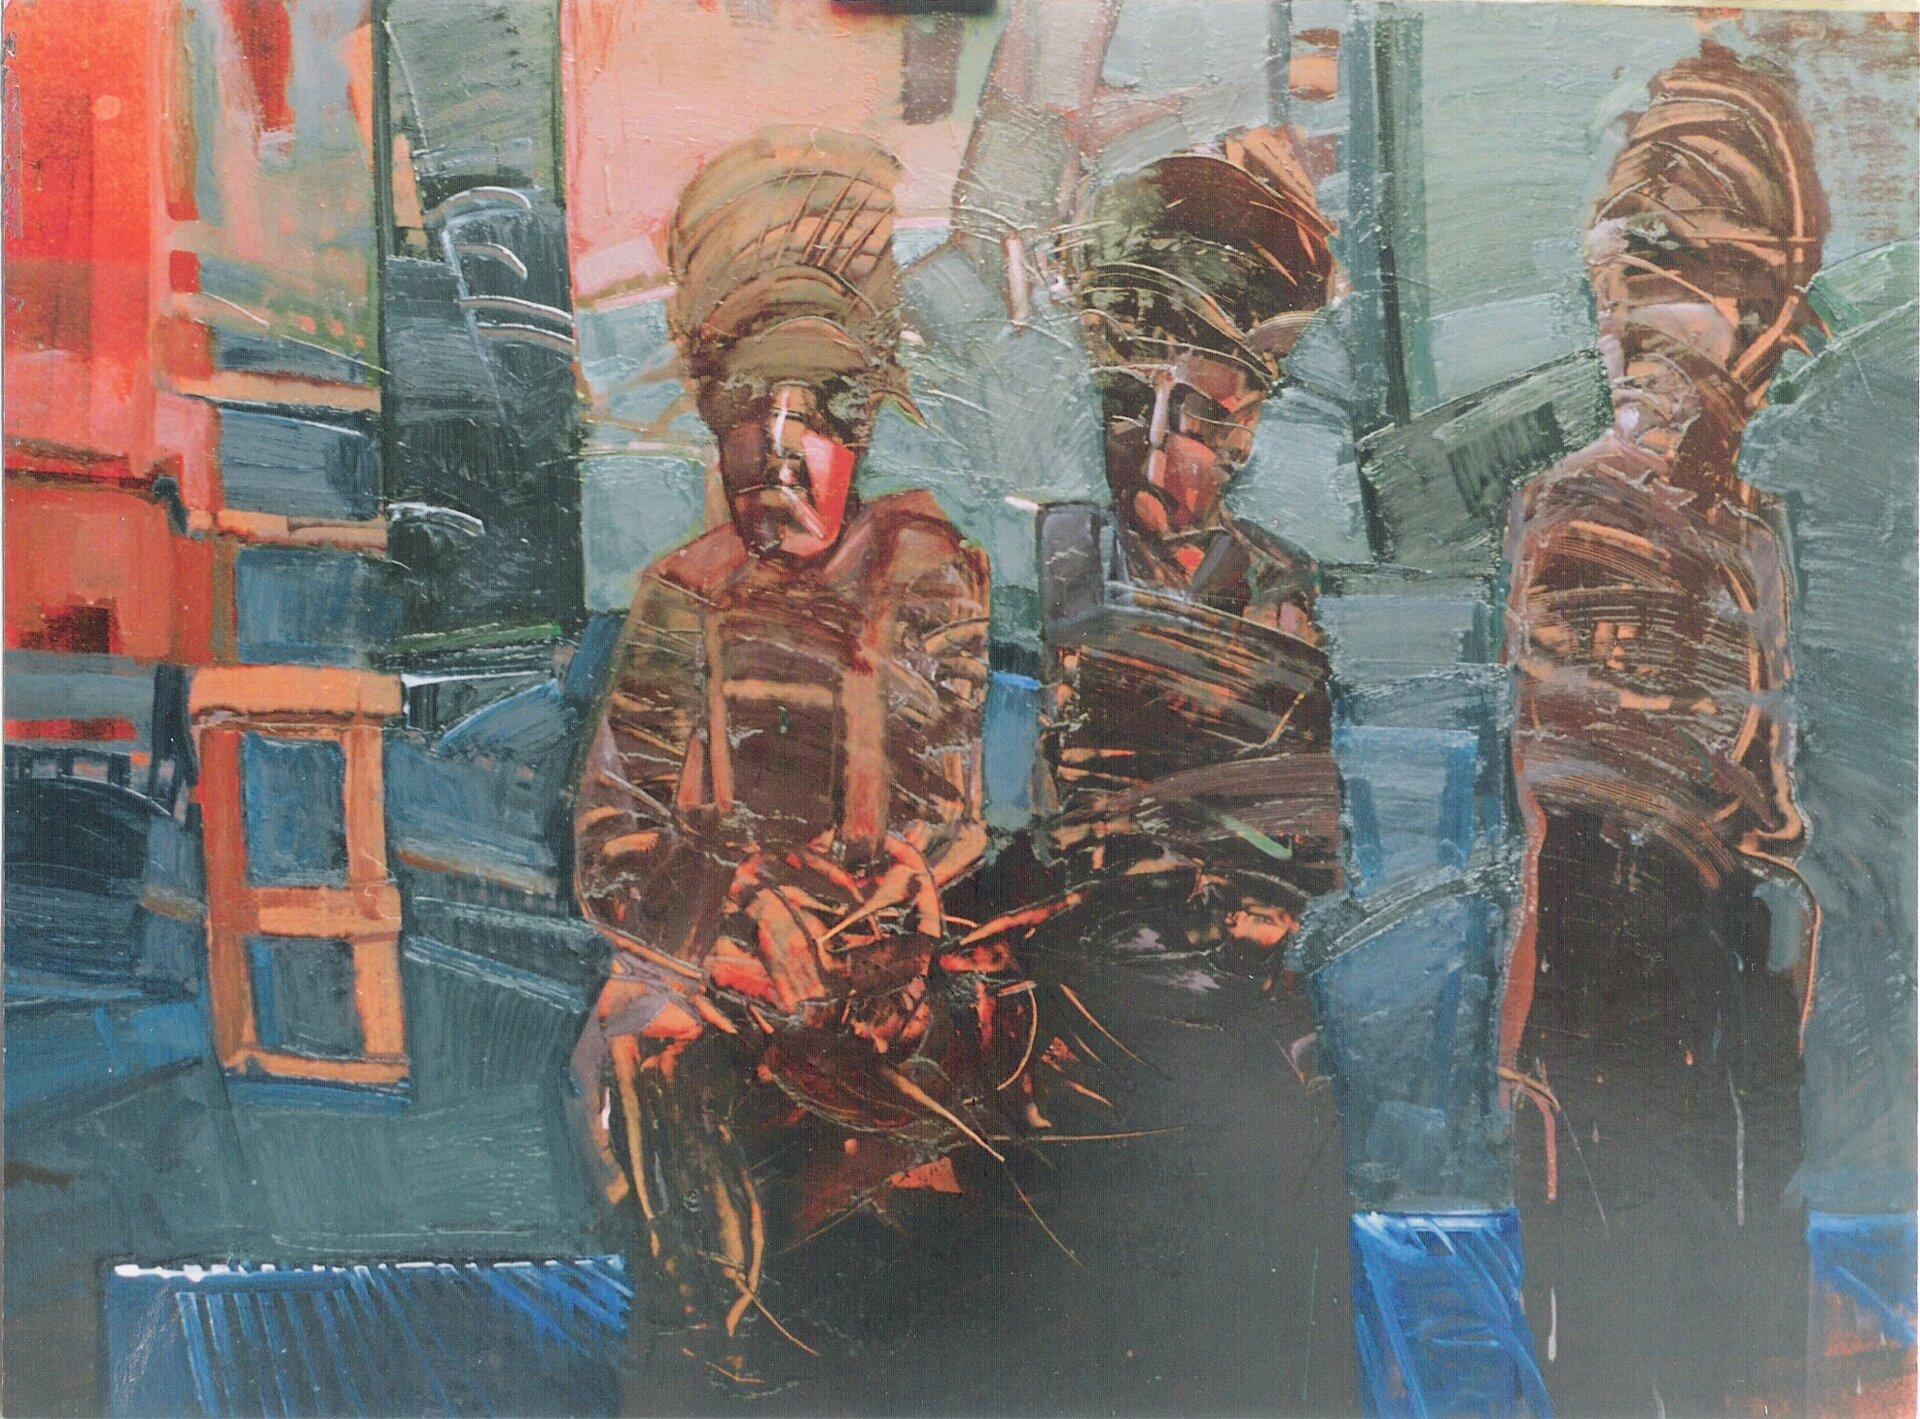 """Ilustracja przedstawia obraz olejny """"21. Spotkanie"""" autorstwa Piotra Klugowskiego. Praca ukazuje malowane szeroką plamą, uproszczone trzy postacie prawdopodobnie kobiet owysokich fryzurach namalowane wbrązowo-czerwono-czarnej tonacji. Tło stanowi abstrakcyjna kompozycja składająca się zzielono-niebieskich plam, które wlewym górnym rogu przechodzą wczerwone płaszczyzny. Udołu znajduje się ciemny prostokąt pokryty niebieskimi skośnymi liniami, który wprowadza wrażenie perspektywy wobrazie. Obraz cechuje się dużym uproszczeniem form. Dla artysty nie jest ważny detal. Przy pomocy prostych środków wyrazu stara się oddać nastroju przedstawionej sceny. Praca wykonana została wchłodnej, brązowo-zielono-niebieskiej tonacji barw zakcentami ciepłych czerwieni."""